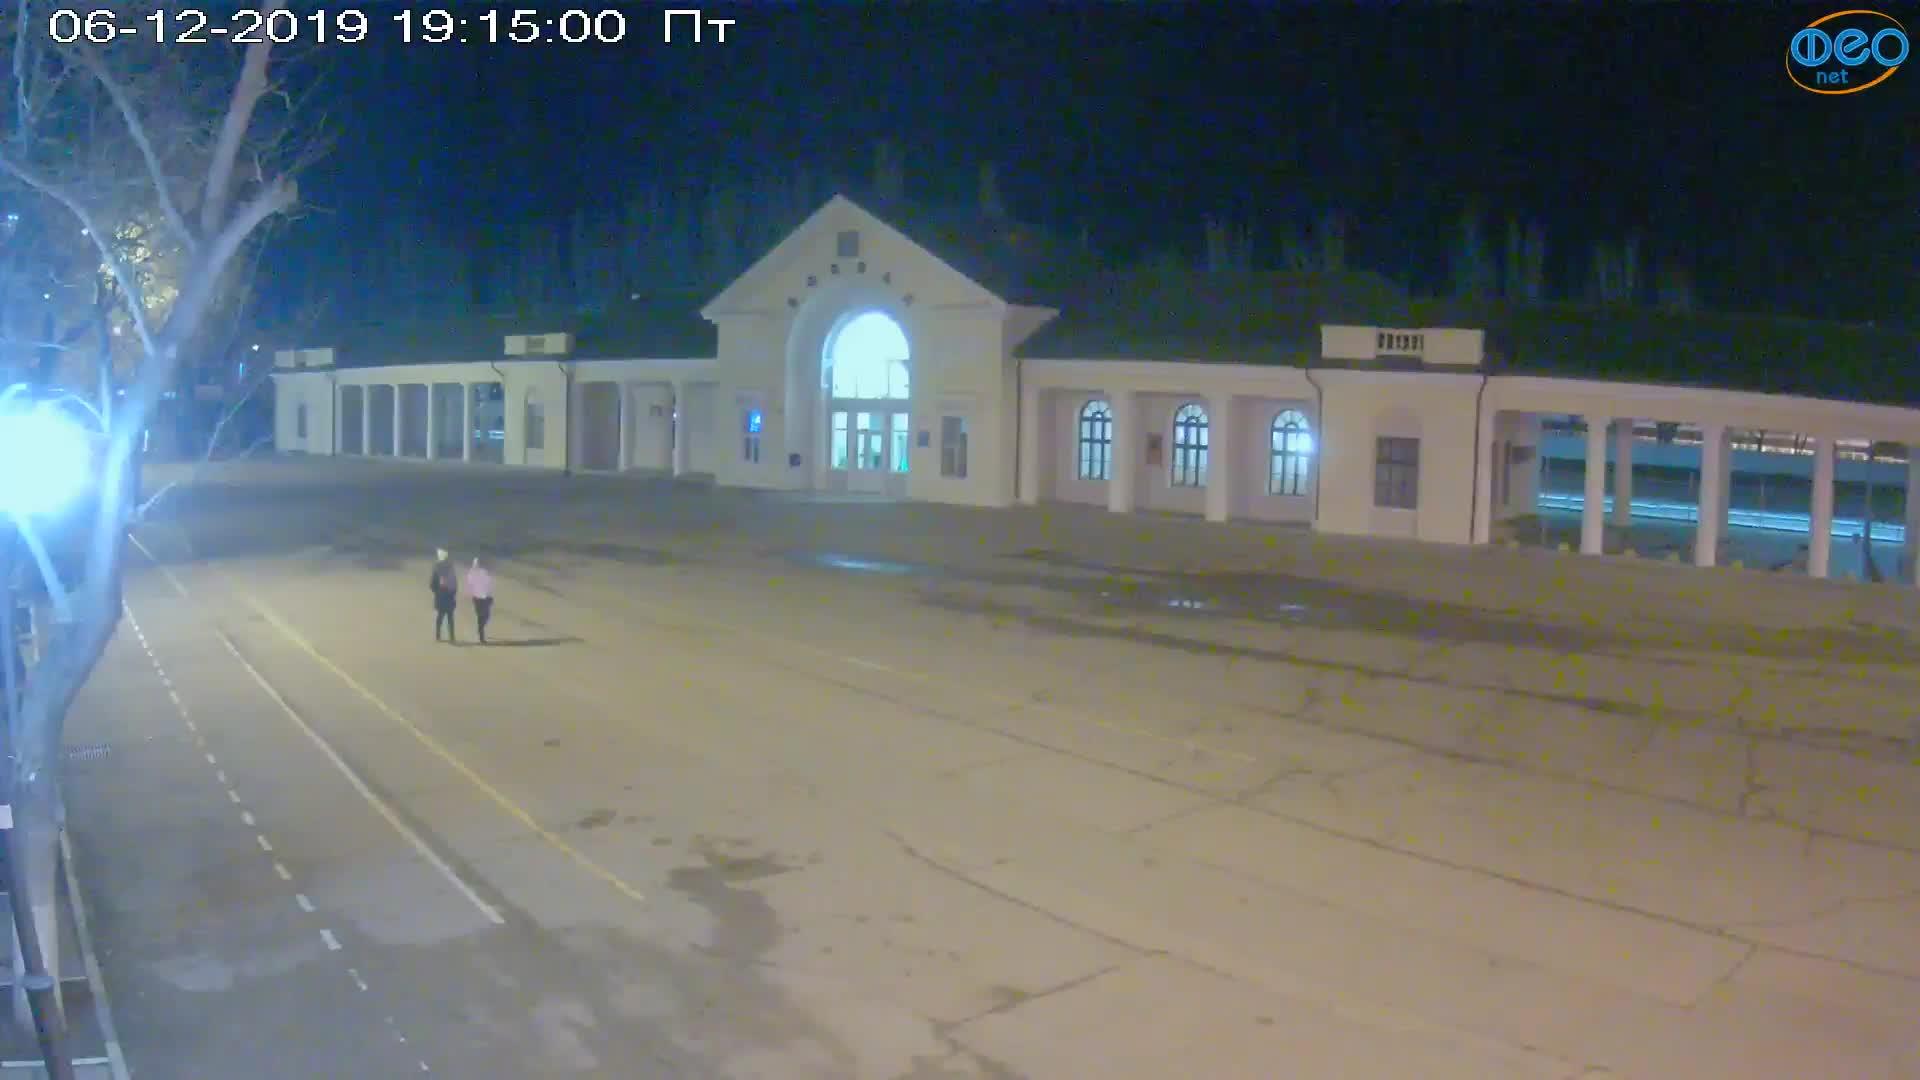 Веб-камеры Феодосии, Привокзальная площадь, 2019-12-06 19:15:20